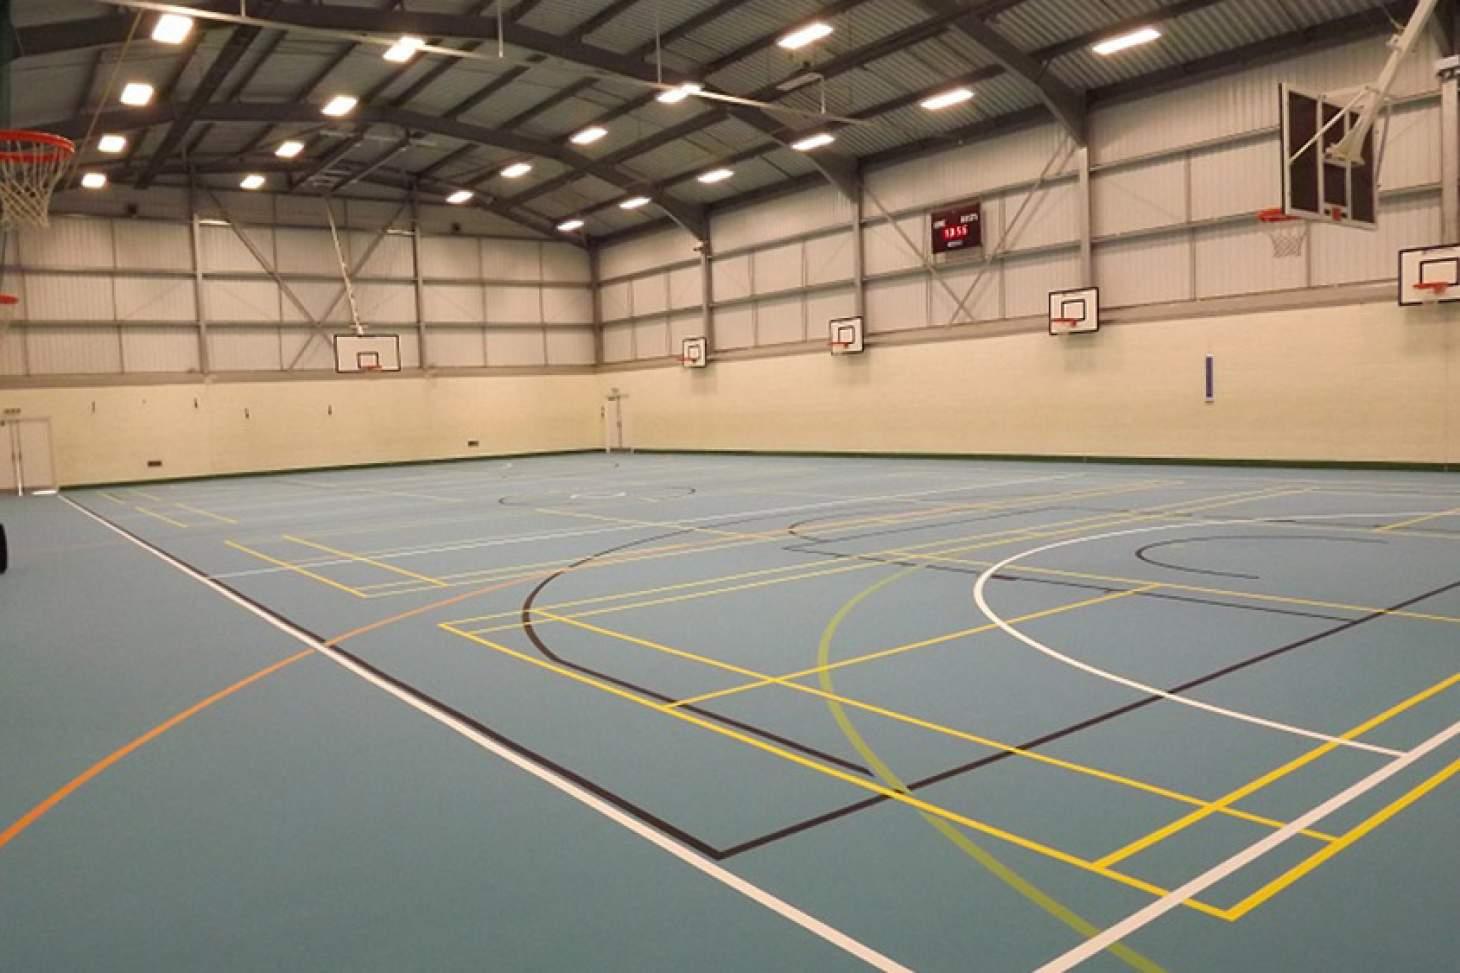 Dr Challoner's High School Indoor | Hard badminton court